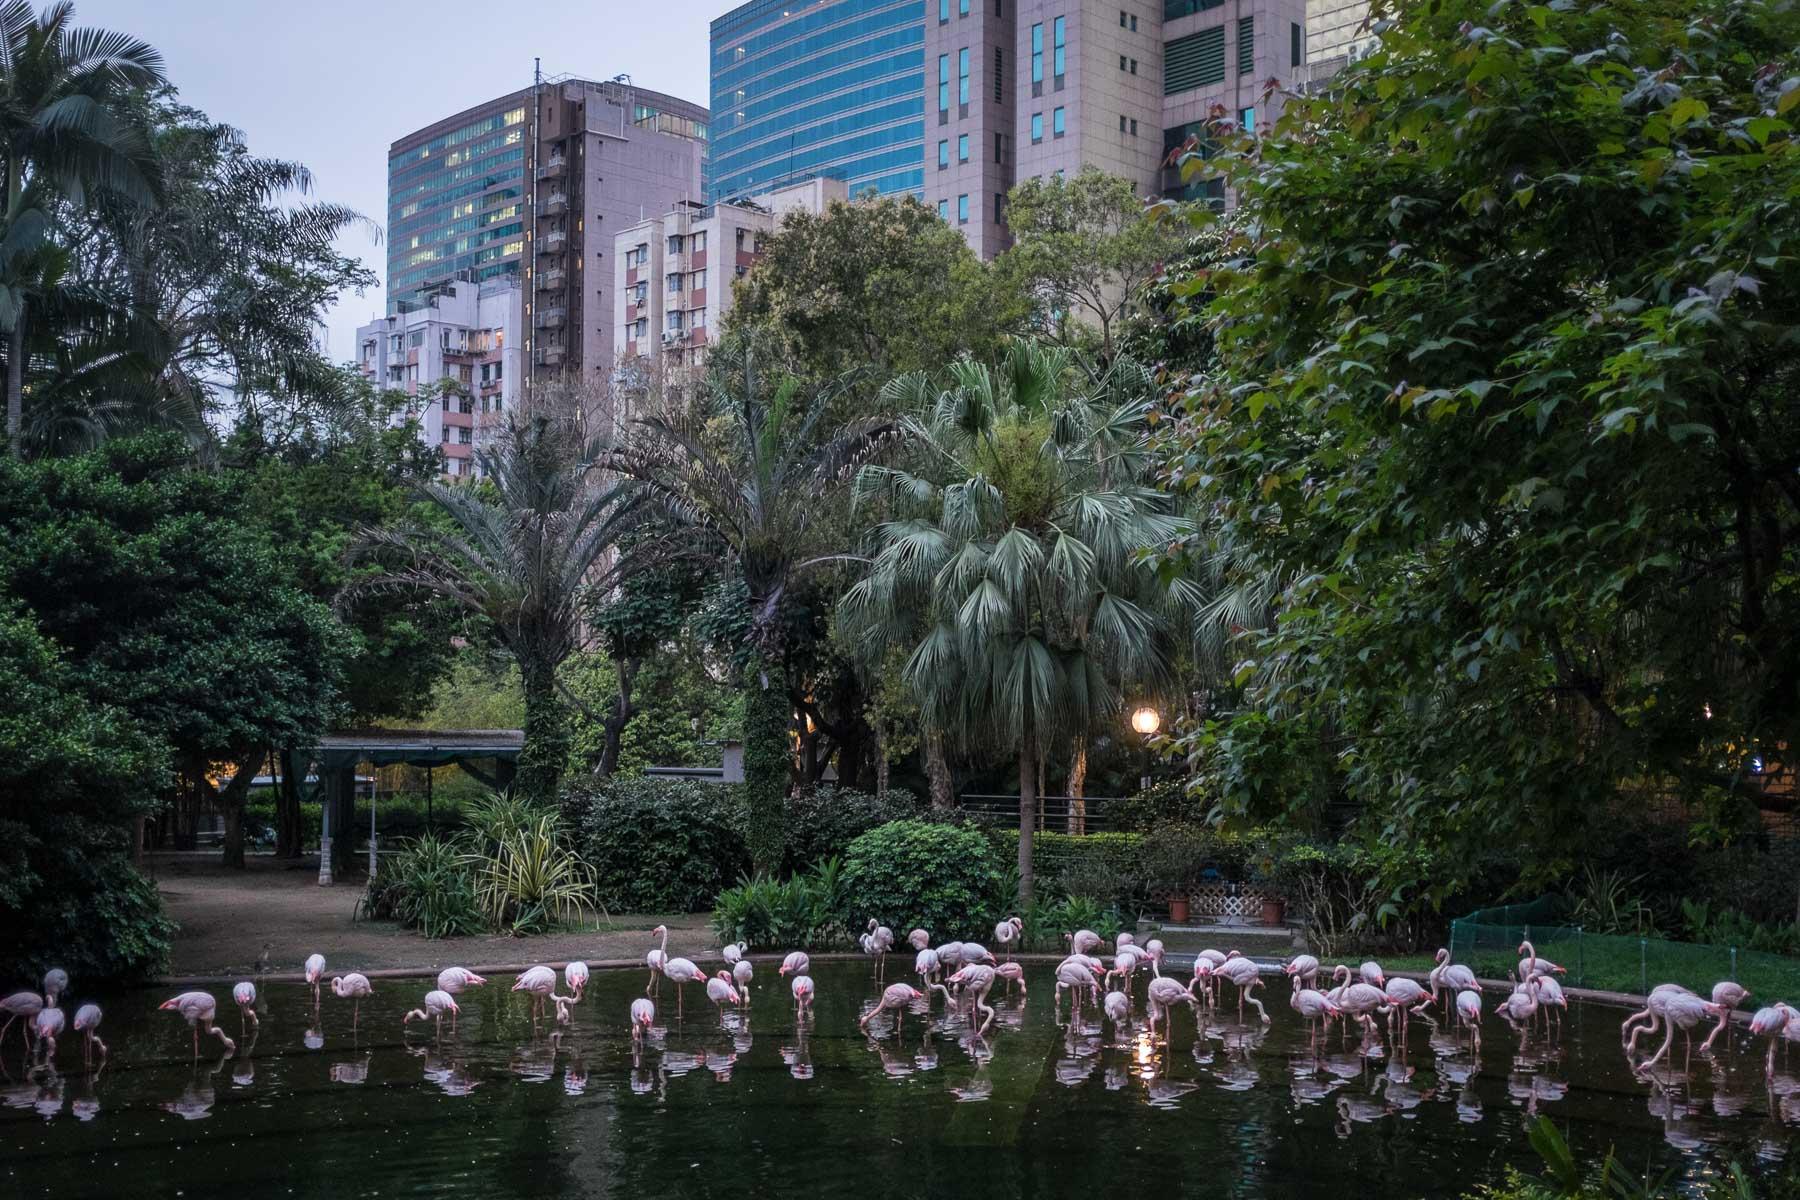 Kowloon Flamingos